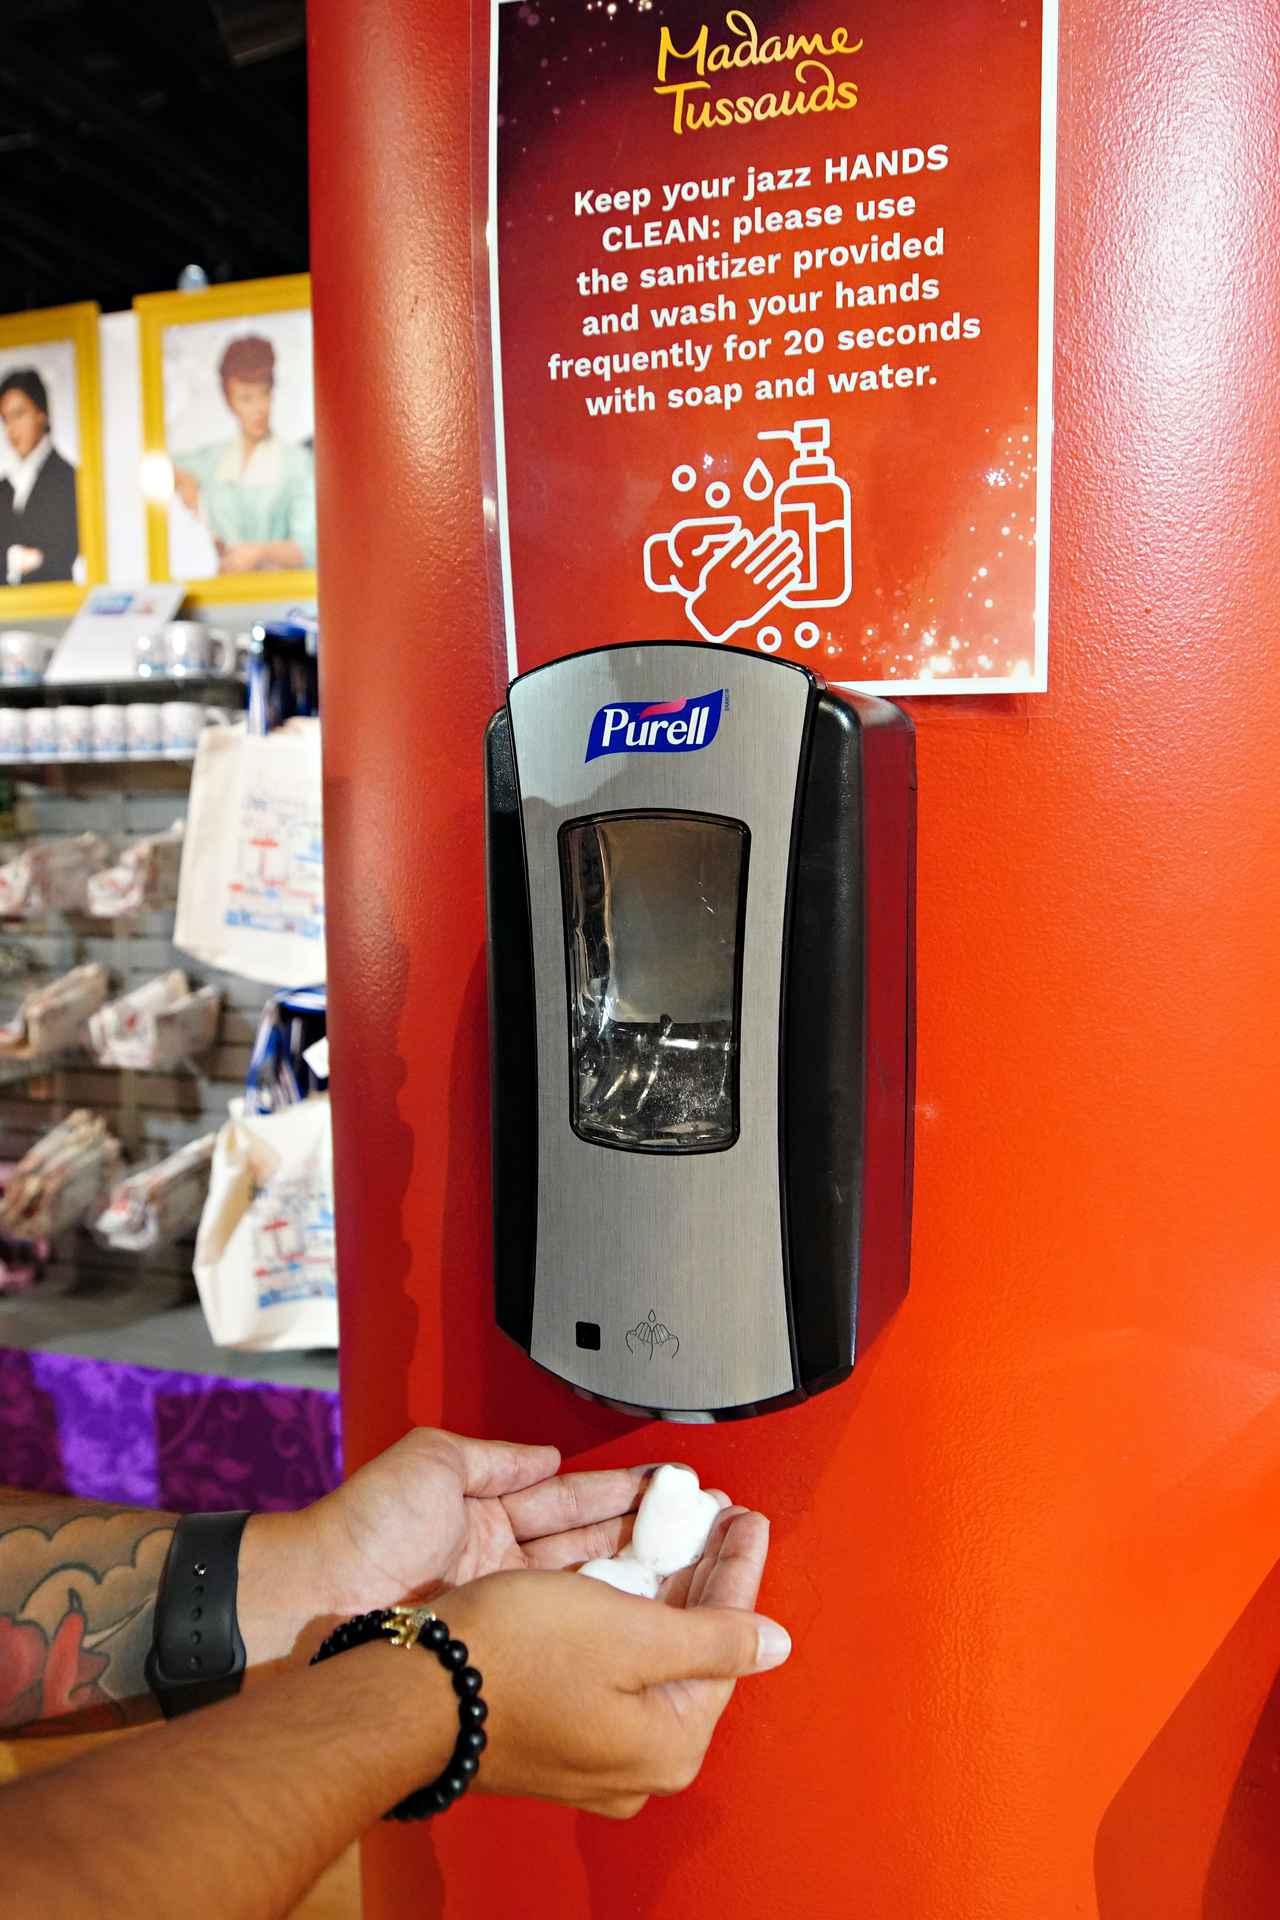 画像: 会場には手指の消毒や手洗いをうながすサインがところどころに設置されていた。